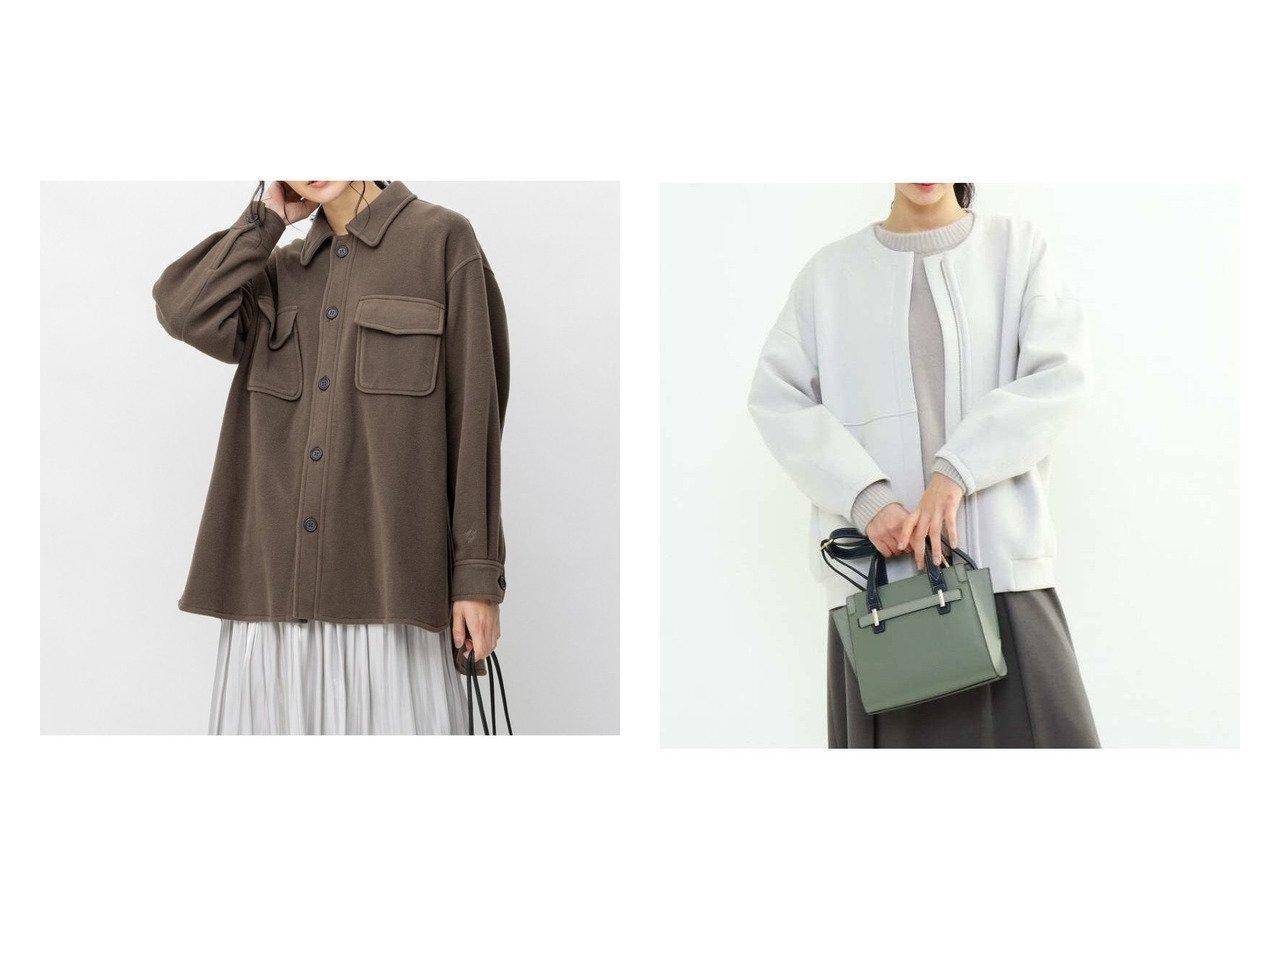 【INDIVI/インディヴィ】のエアーダンボールライトアウター&【JIYU-KU/自由区】の【UNFILO】マシュマロフリース CPOシャツ ジャケット 2 アウターのおすすめ!人気、トレンド・レディースファッションの通販  おすすめで人気の流行・トレンド、ファッションの通販商品 メンズファッション・キッズファッション・インテリア・家具・レディースファッション・服の通販 founy(ファニー) https://founy.com/ ファッション Fashion レディースファッション WOMEN アウター Coat Outerwear ジャケット Jackets コート Coats ブルゾン Blouson Jackets エレガント カフス 今季 ジャケット スリット チュニック 長袖 ビッグ フィット フラップ ポケット NEW・新作・新着・新入荷 New Arrivals パーカー ブルゾン ベーシック |ID:crp329100000012744